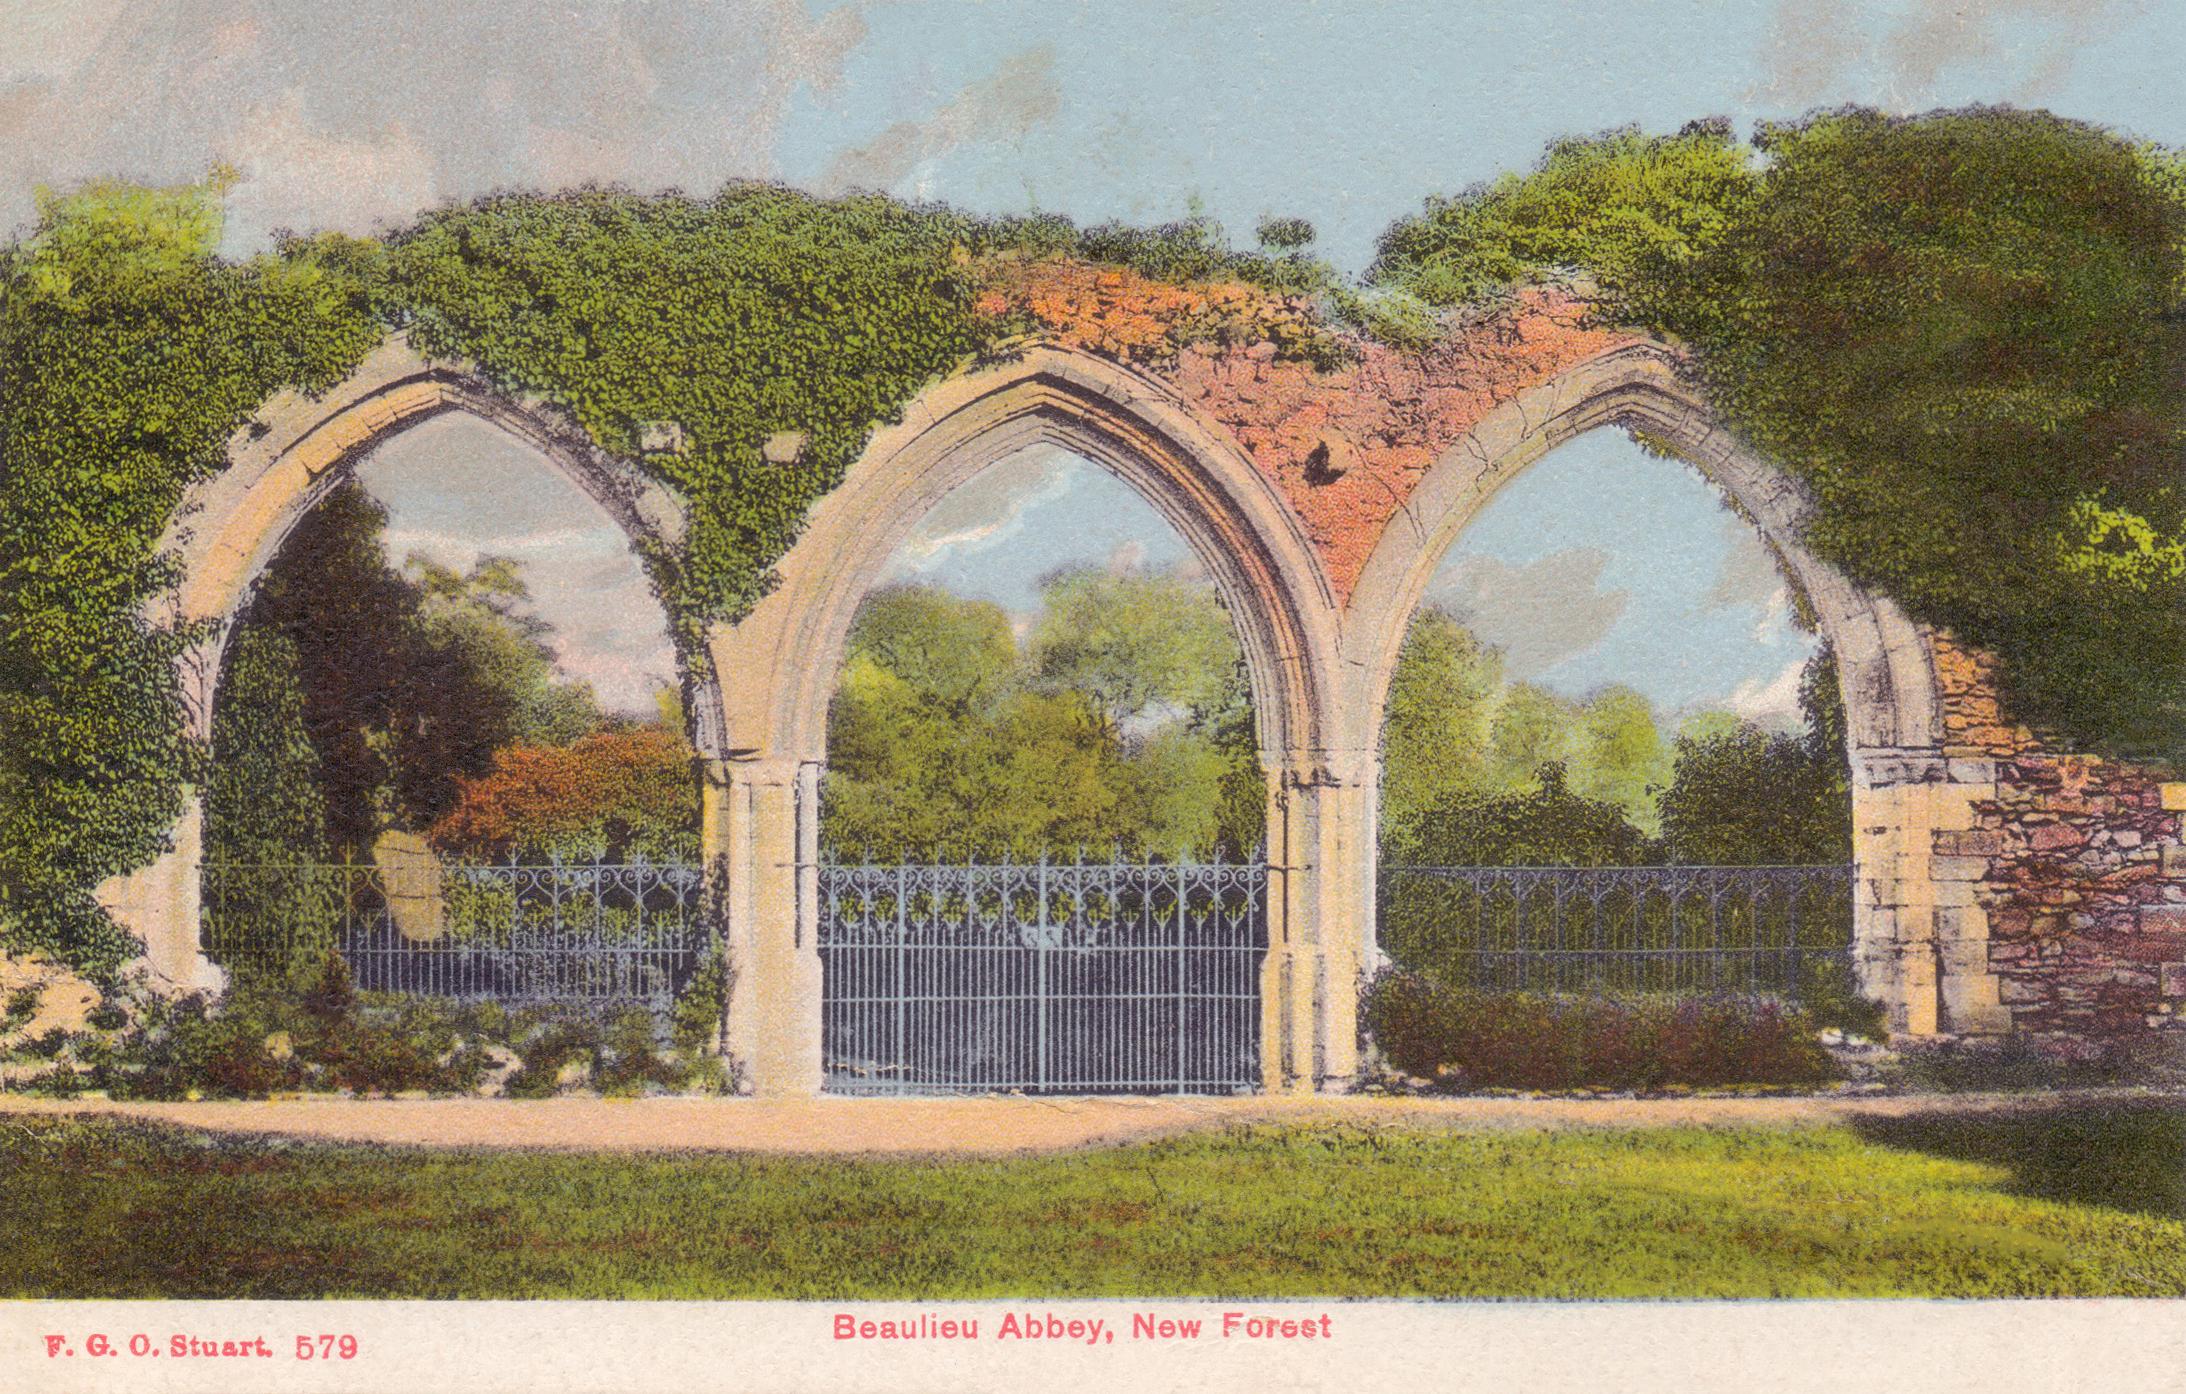 Beaulieu Abbey, New Forest